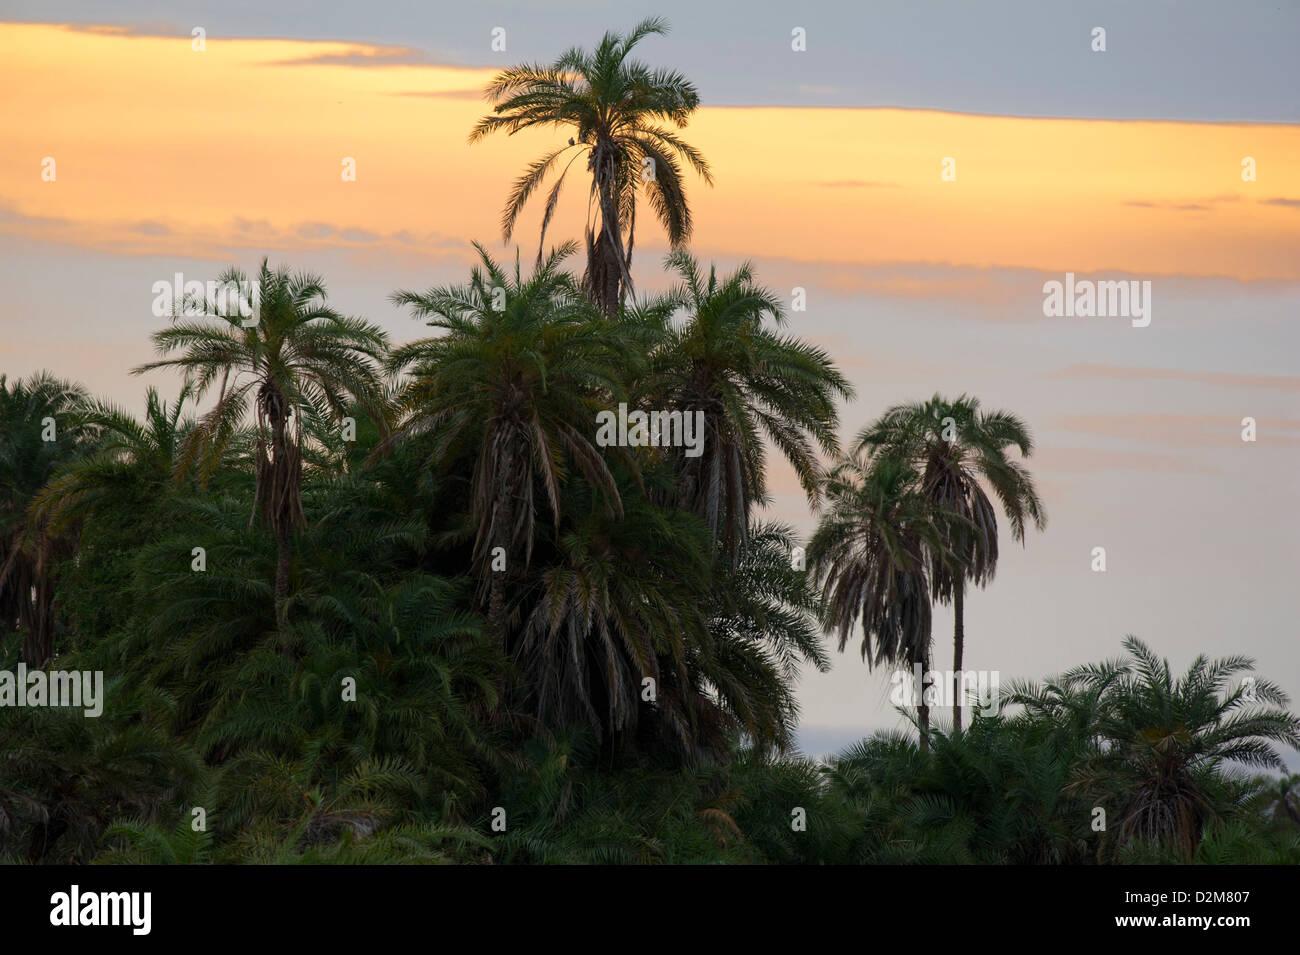 Palm trees at sunset, Amboseli National Park, Kenya - Stock Image